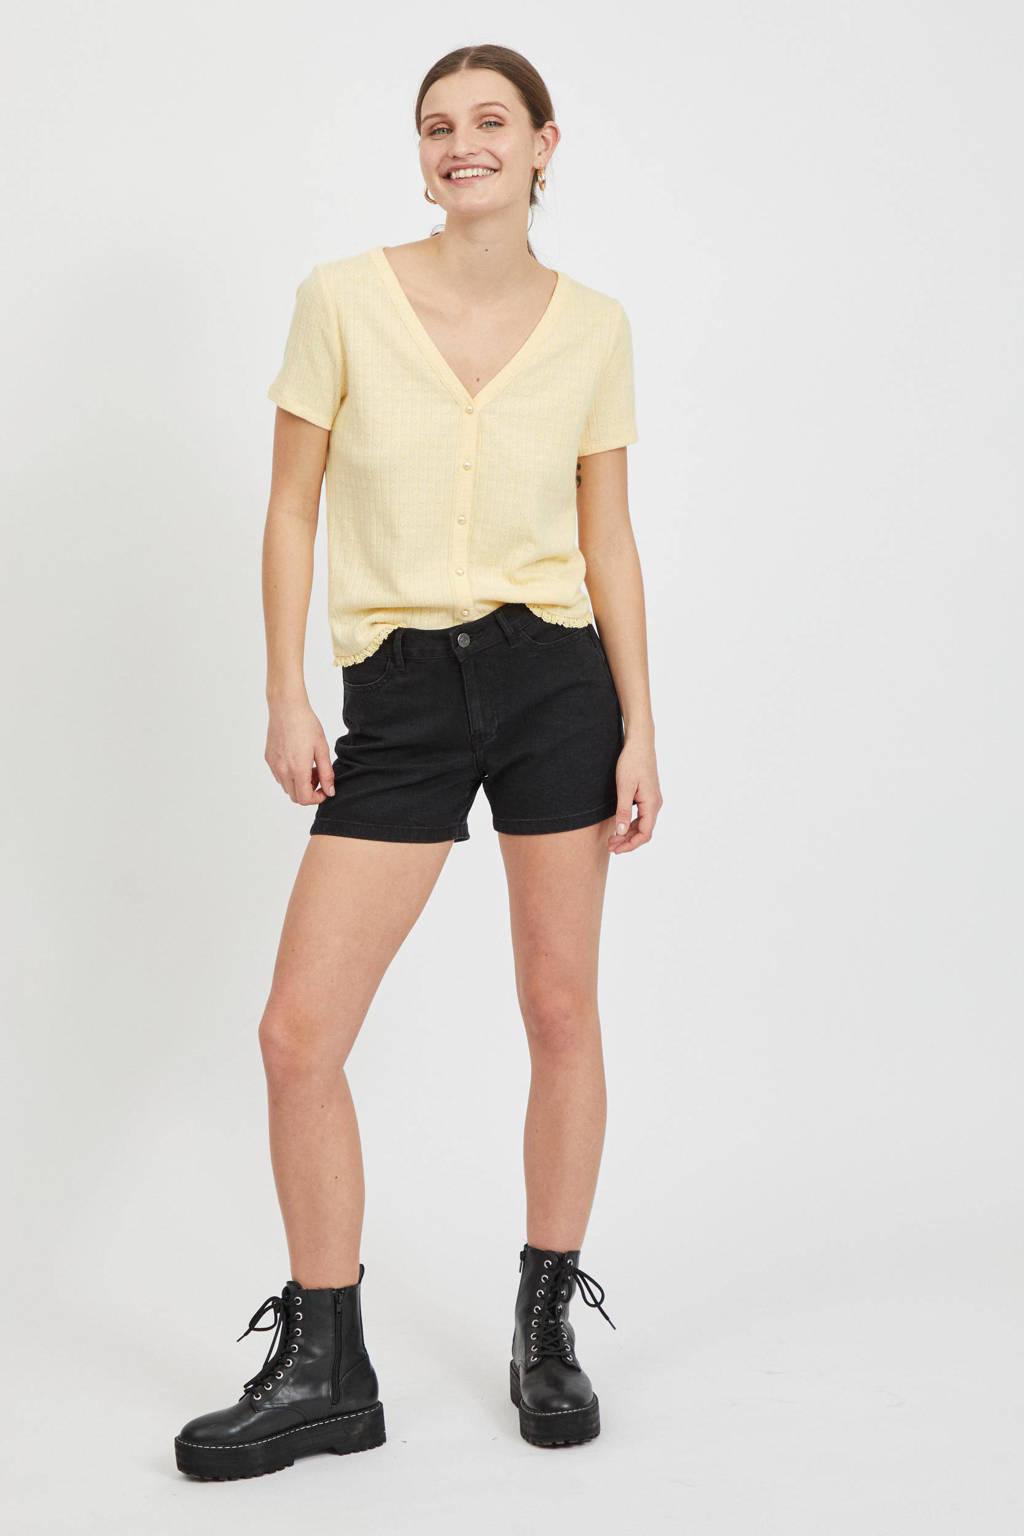 VILA jeans short VIDINIA black denim, Black denim